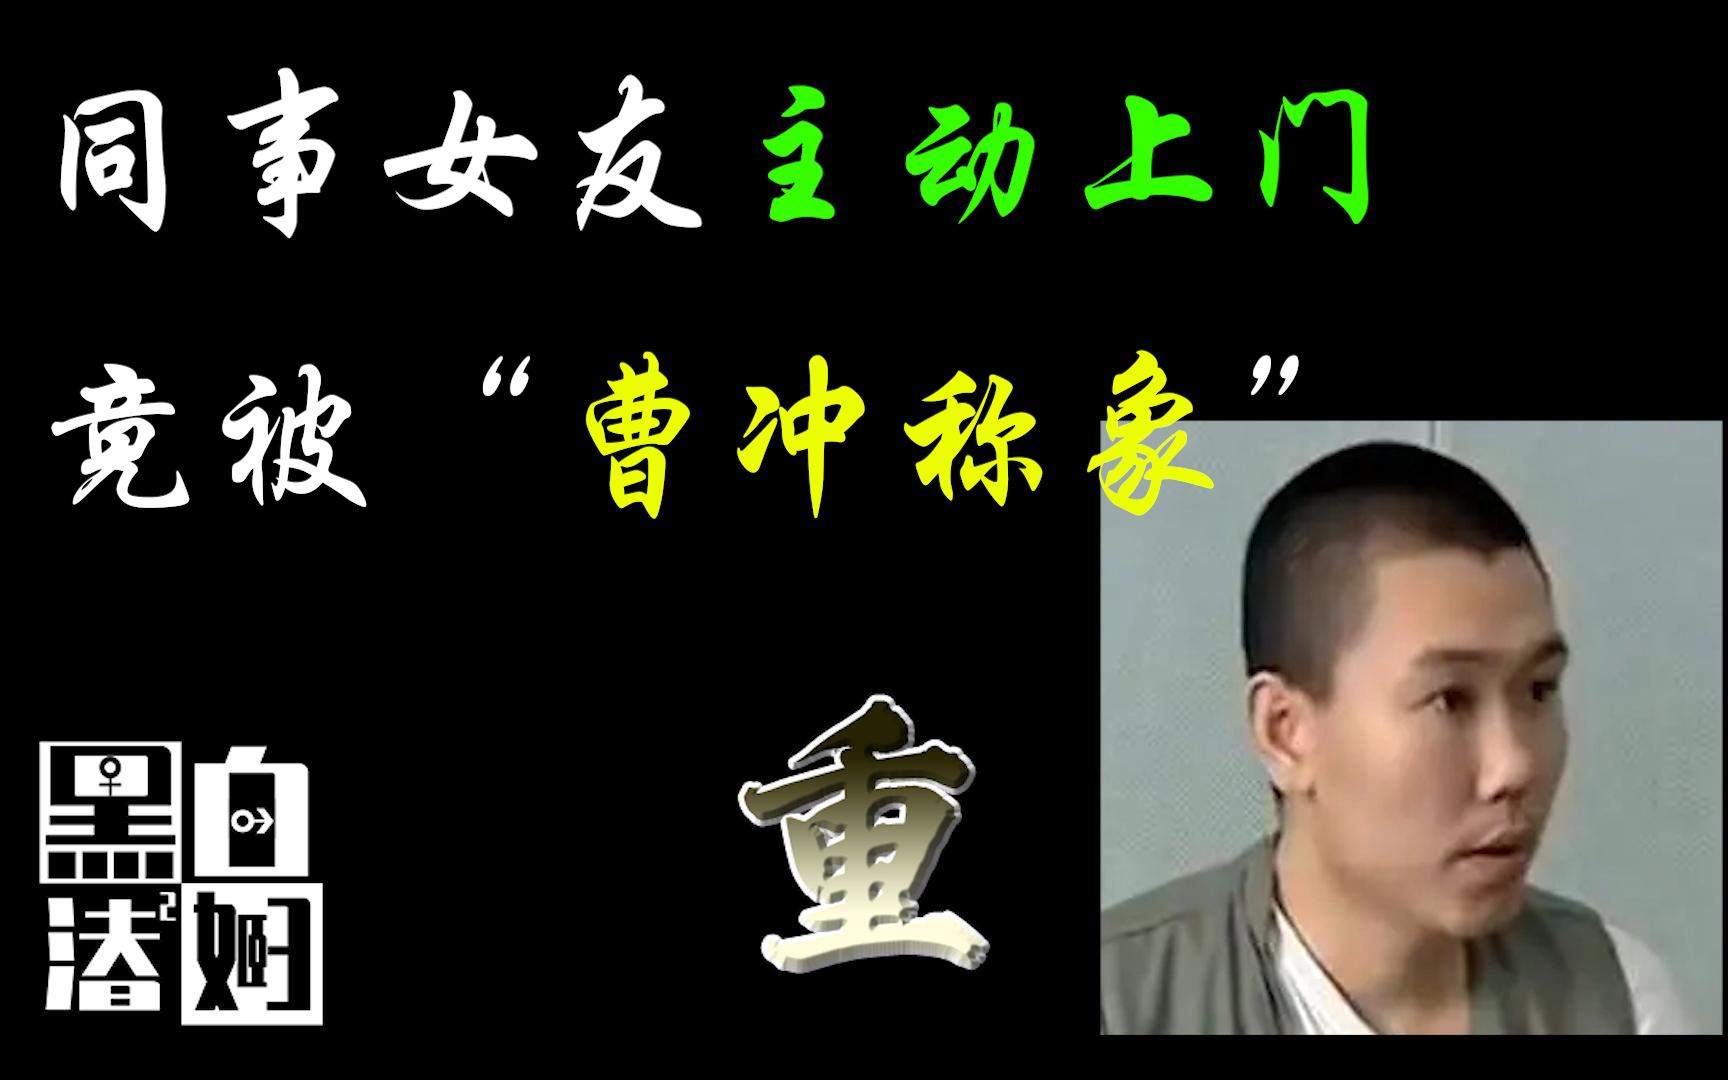 北京轰动一时的惊天大案!凶手动机竟然如此荒唐! | 黑白夫妇